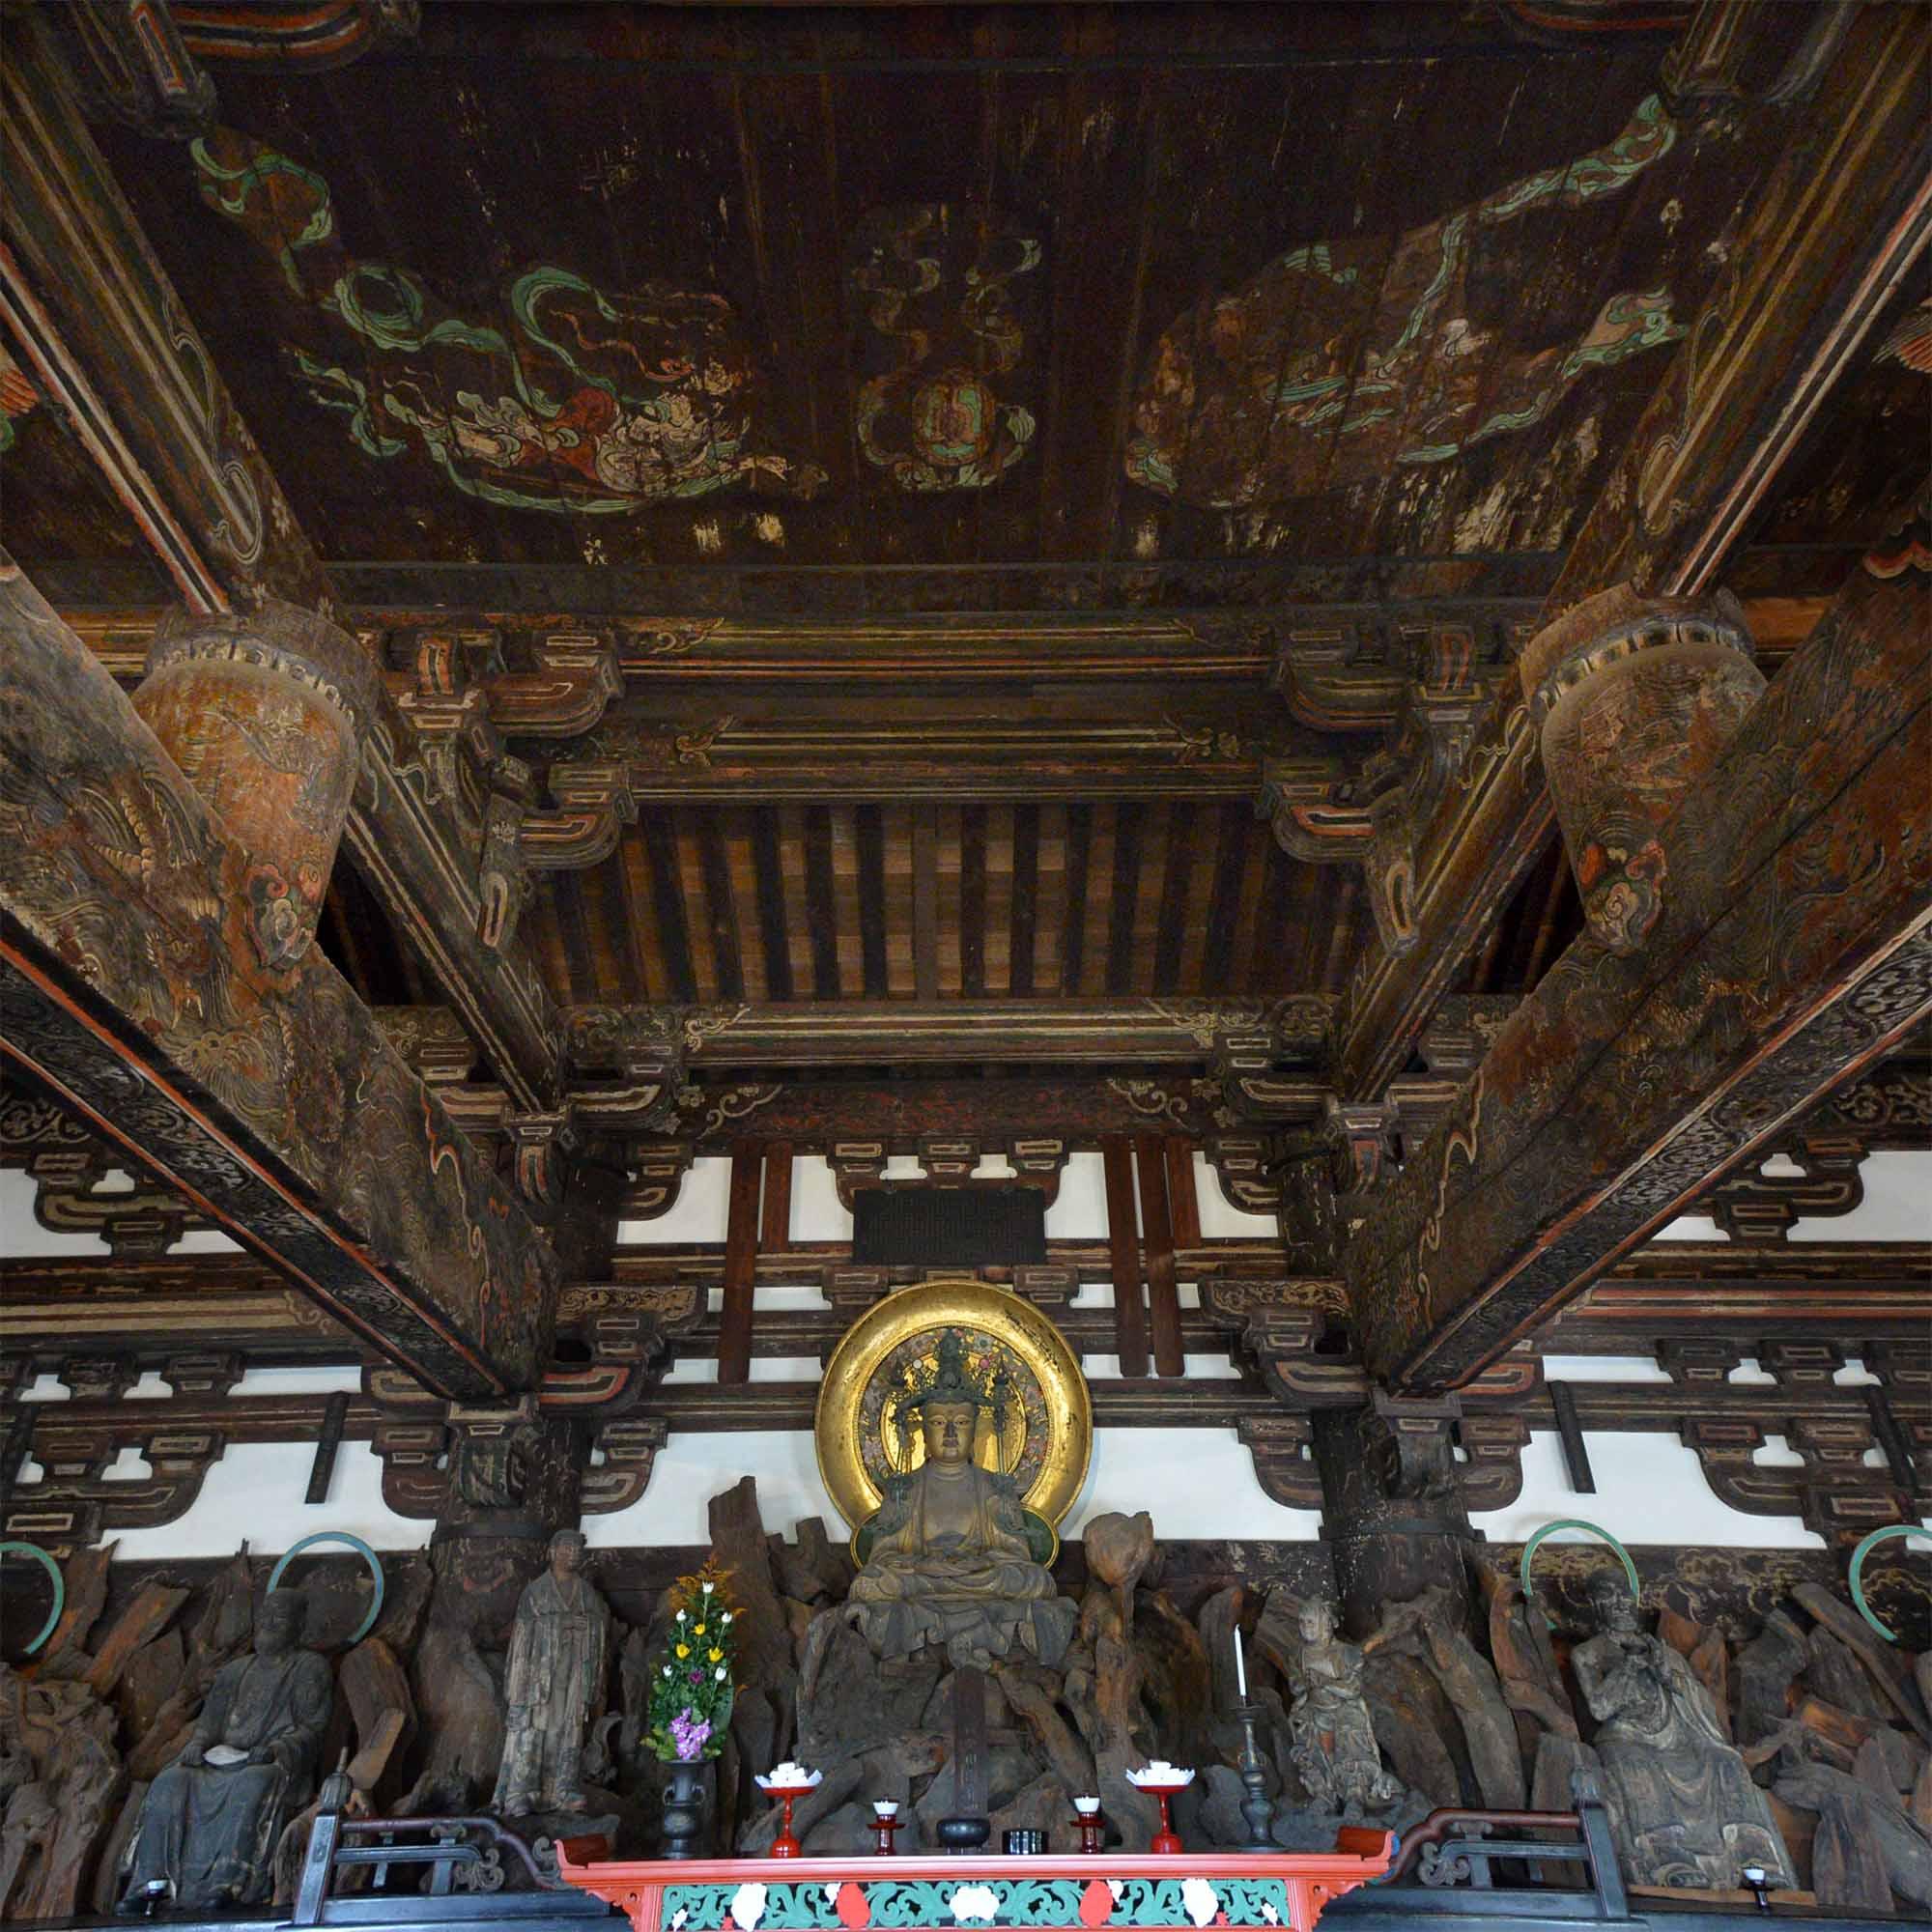 東福寺三門(国宝)の内部。須弥壇中央に宝冠釈迦如来像が安置される